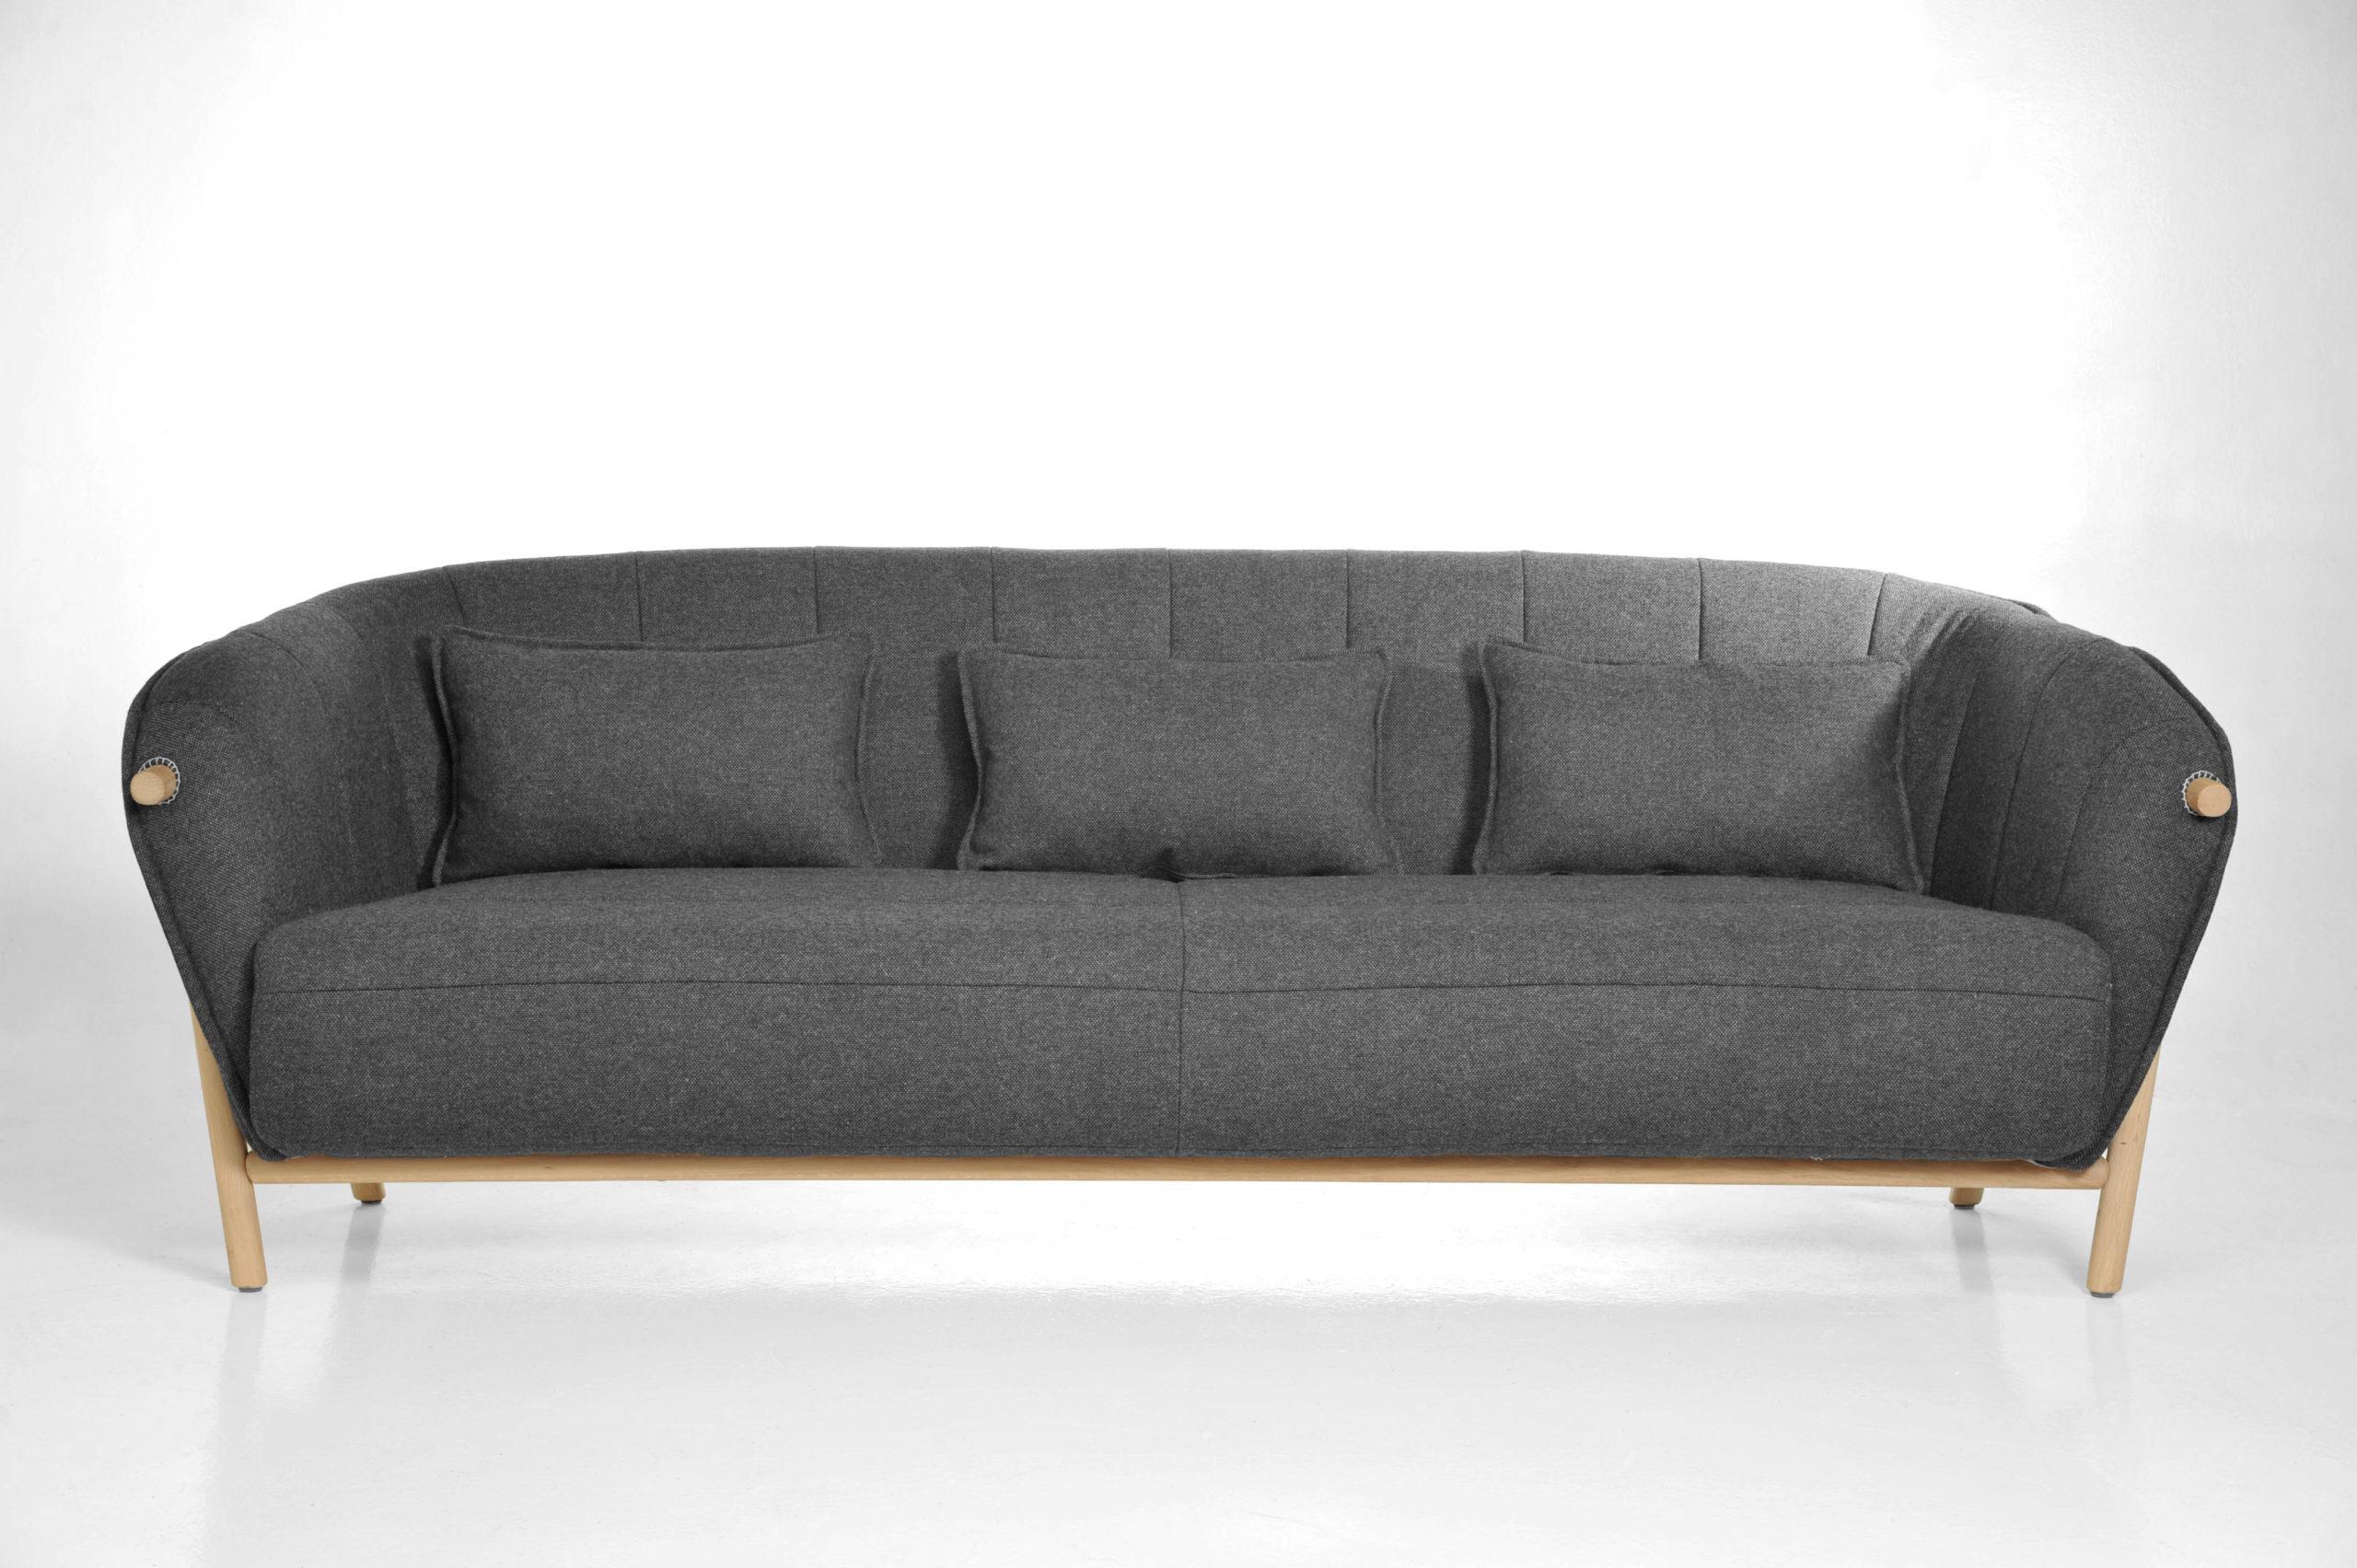 Canapés - sofas